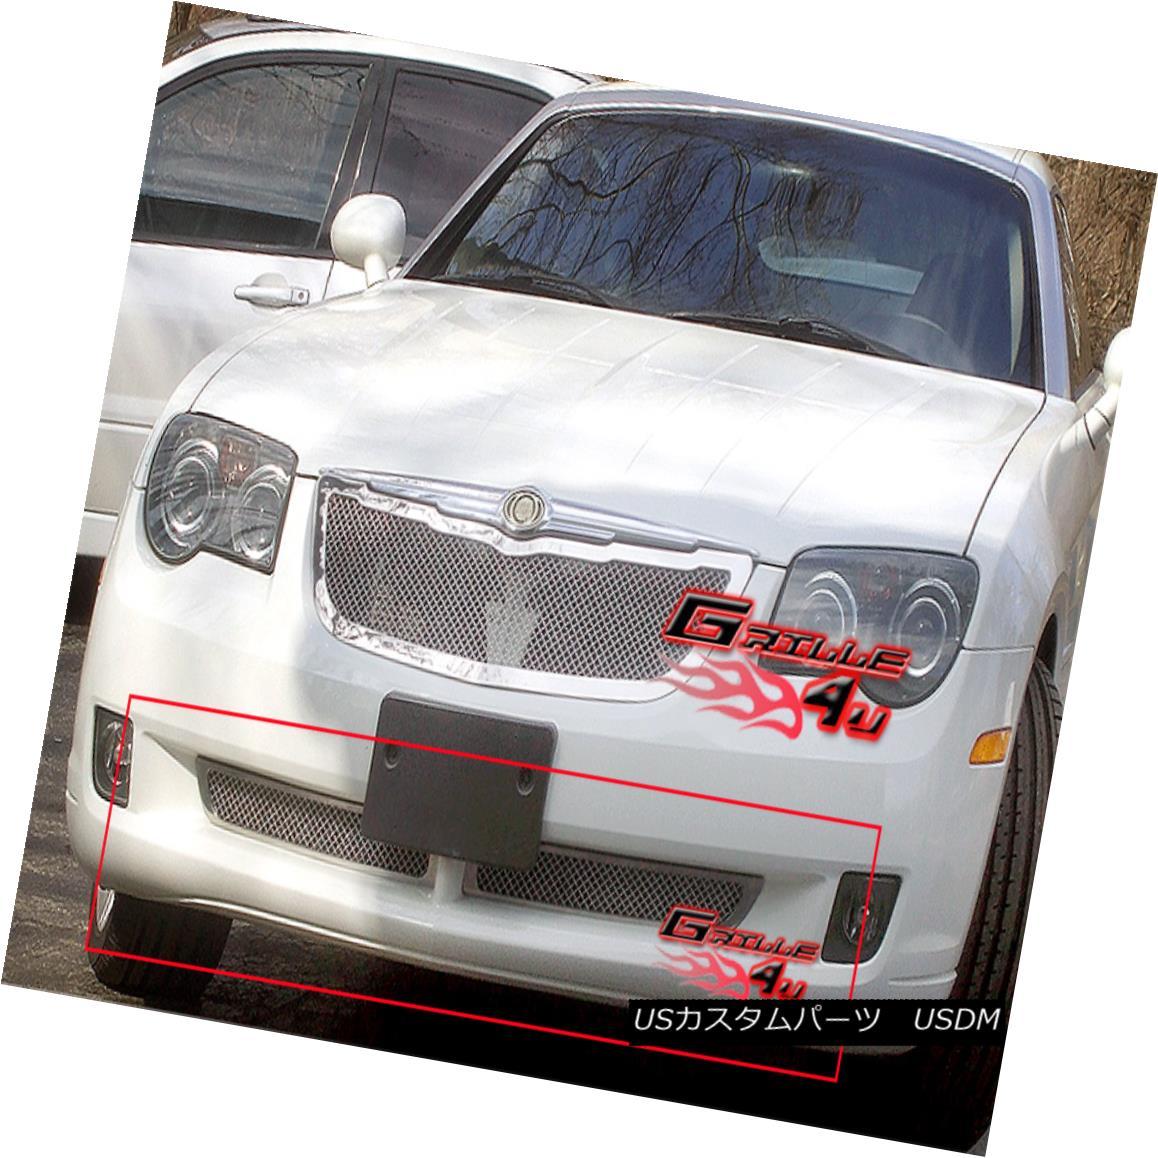 グリル Fits 2004-2008 Chrysler Crossfire Bumper Stainless Mesh Grille フィット2004-2008クライスラークロスファイアバンパーステンレスメッシュグリル